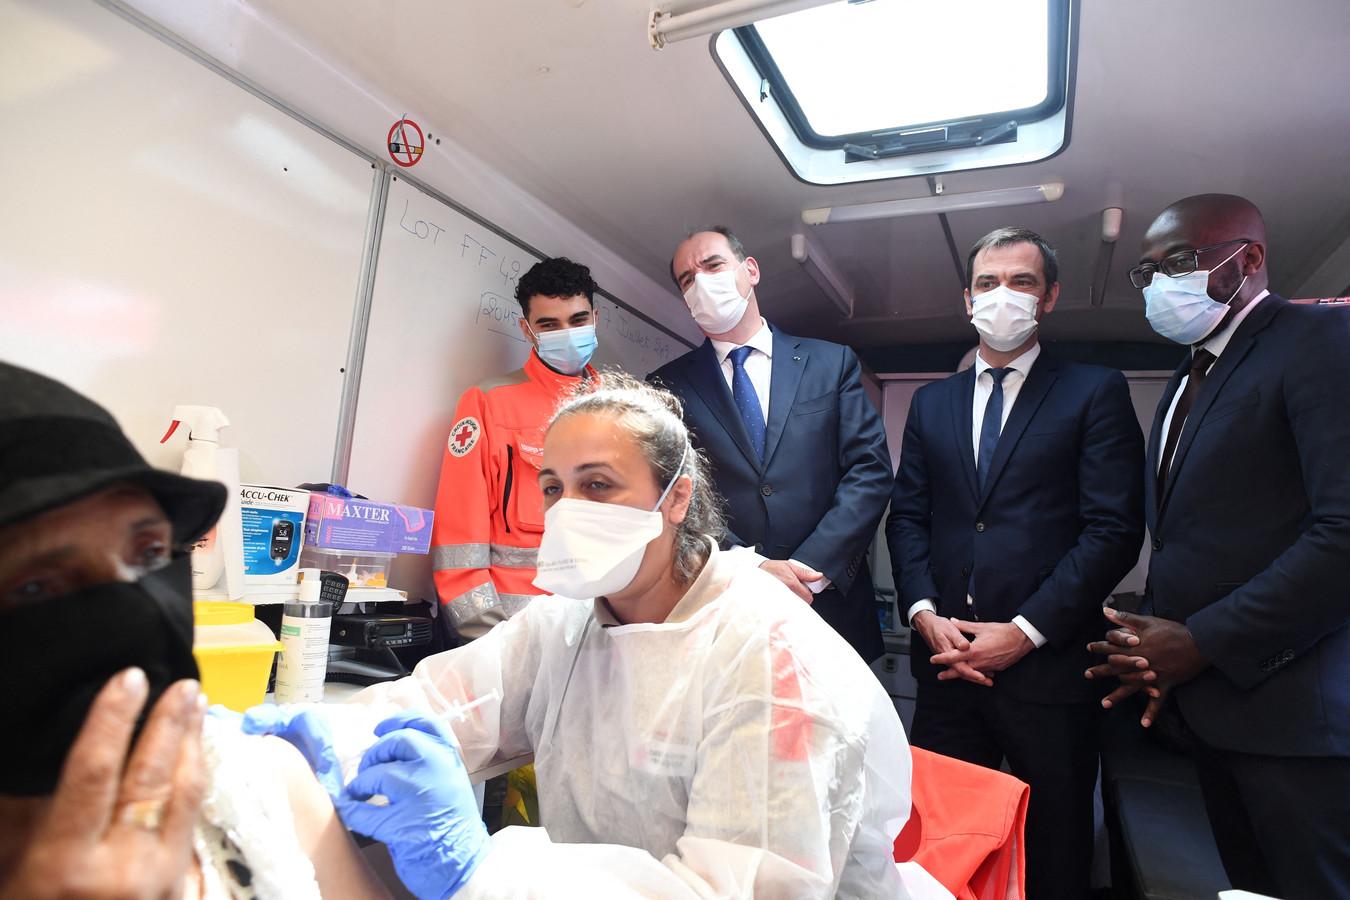 De Franse minister van Volksgezondheid Olivier Veran en premier Jean Castex kijken in Parijs toe hoe een coronavaccin toegediend wordt.